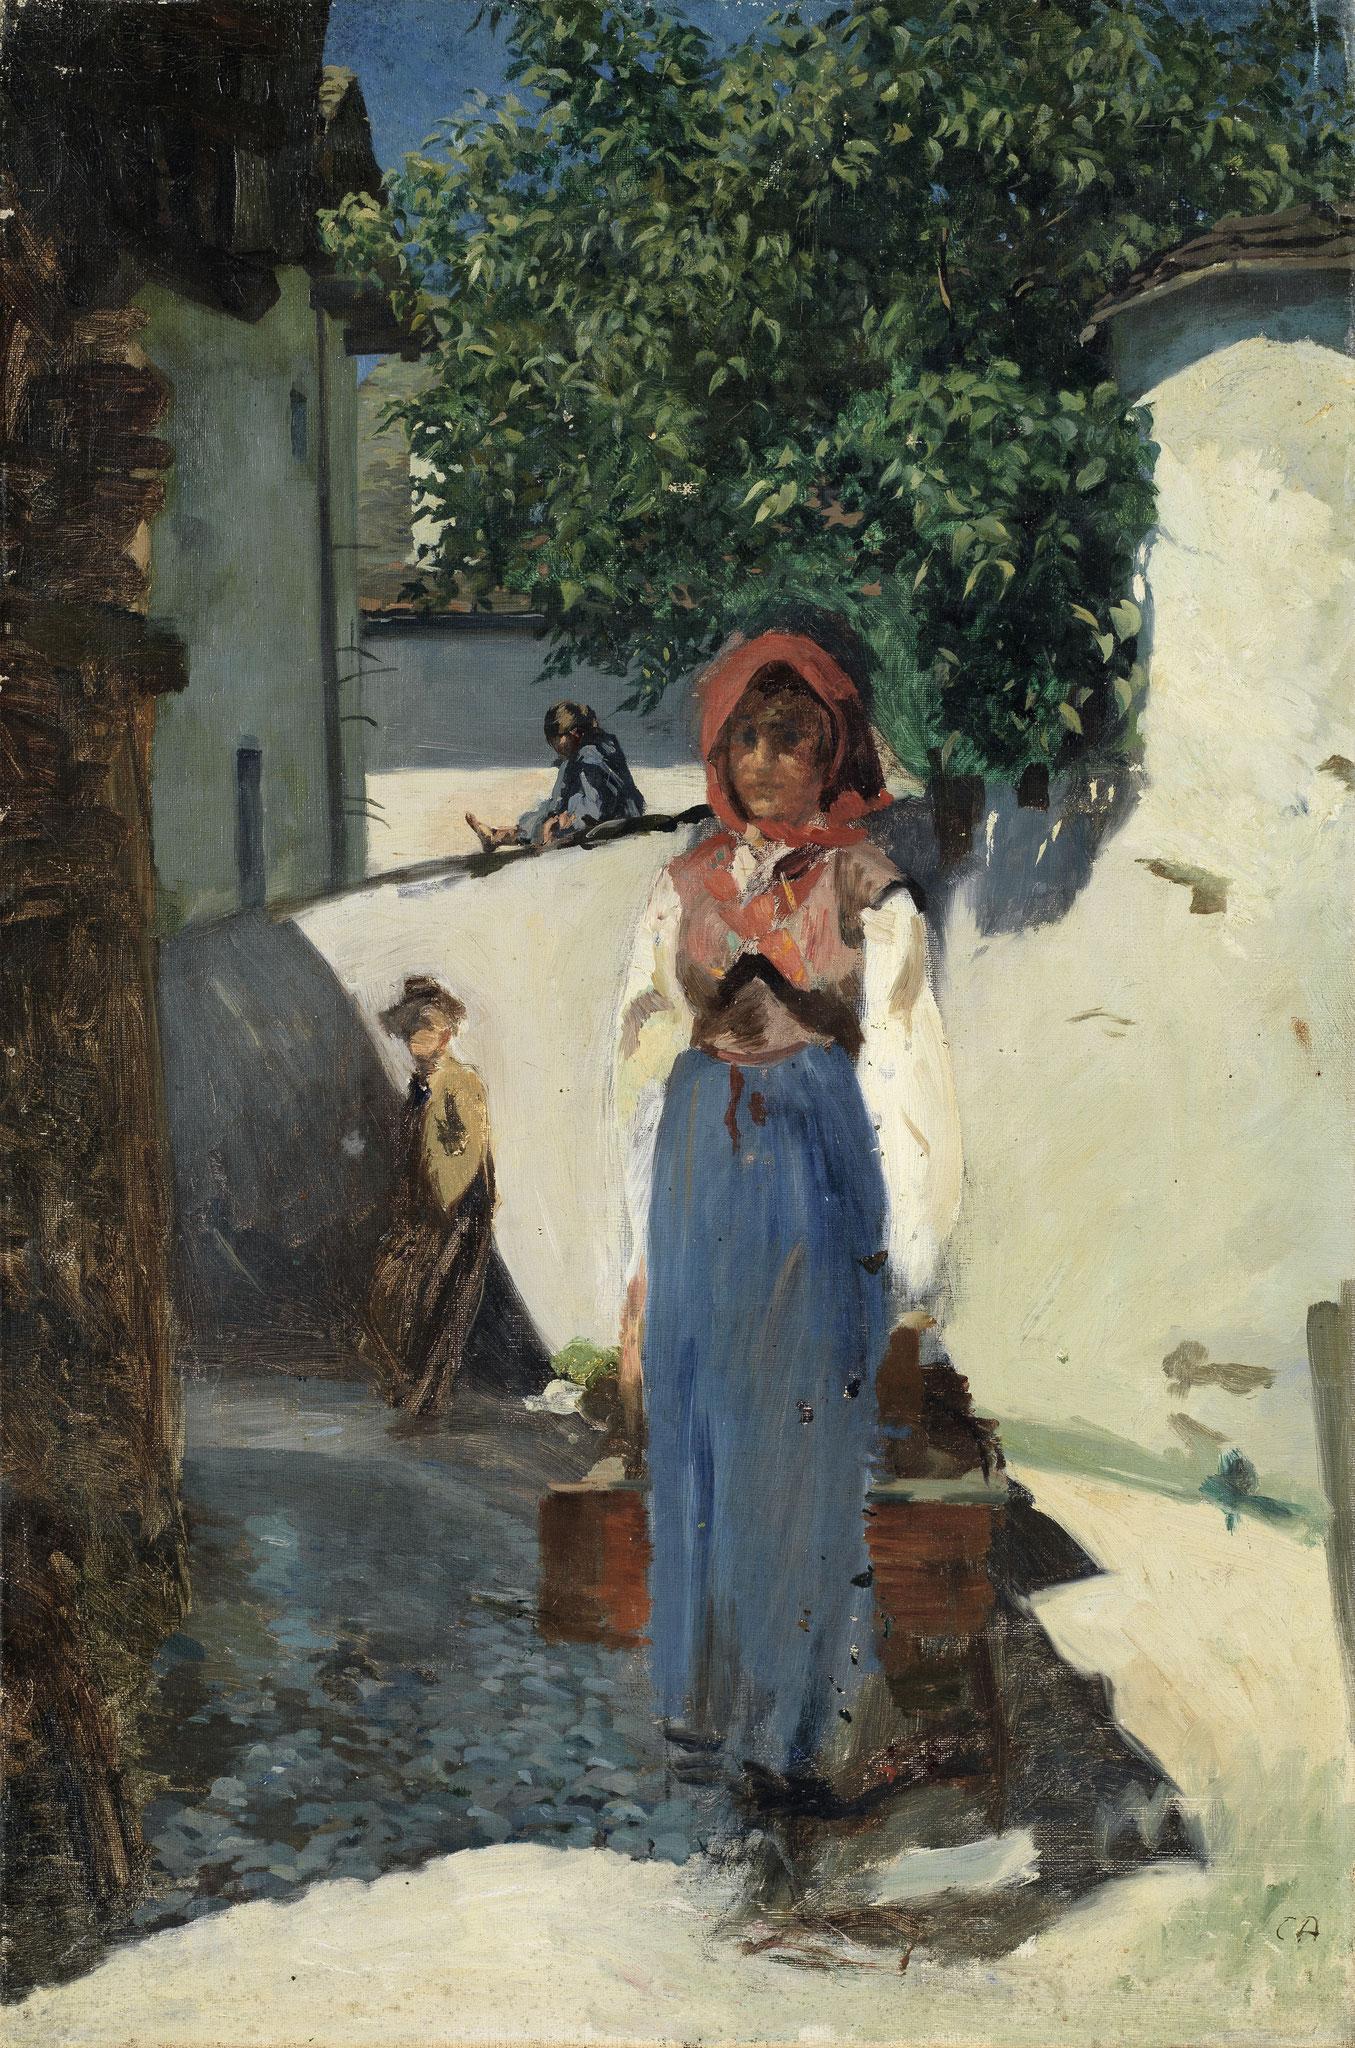 Cuno Amiet, Mädchen in Coltura, 1890